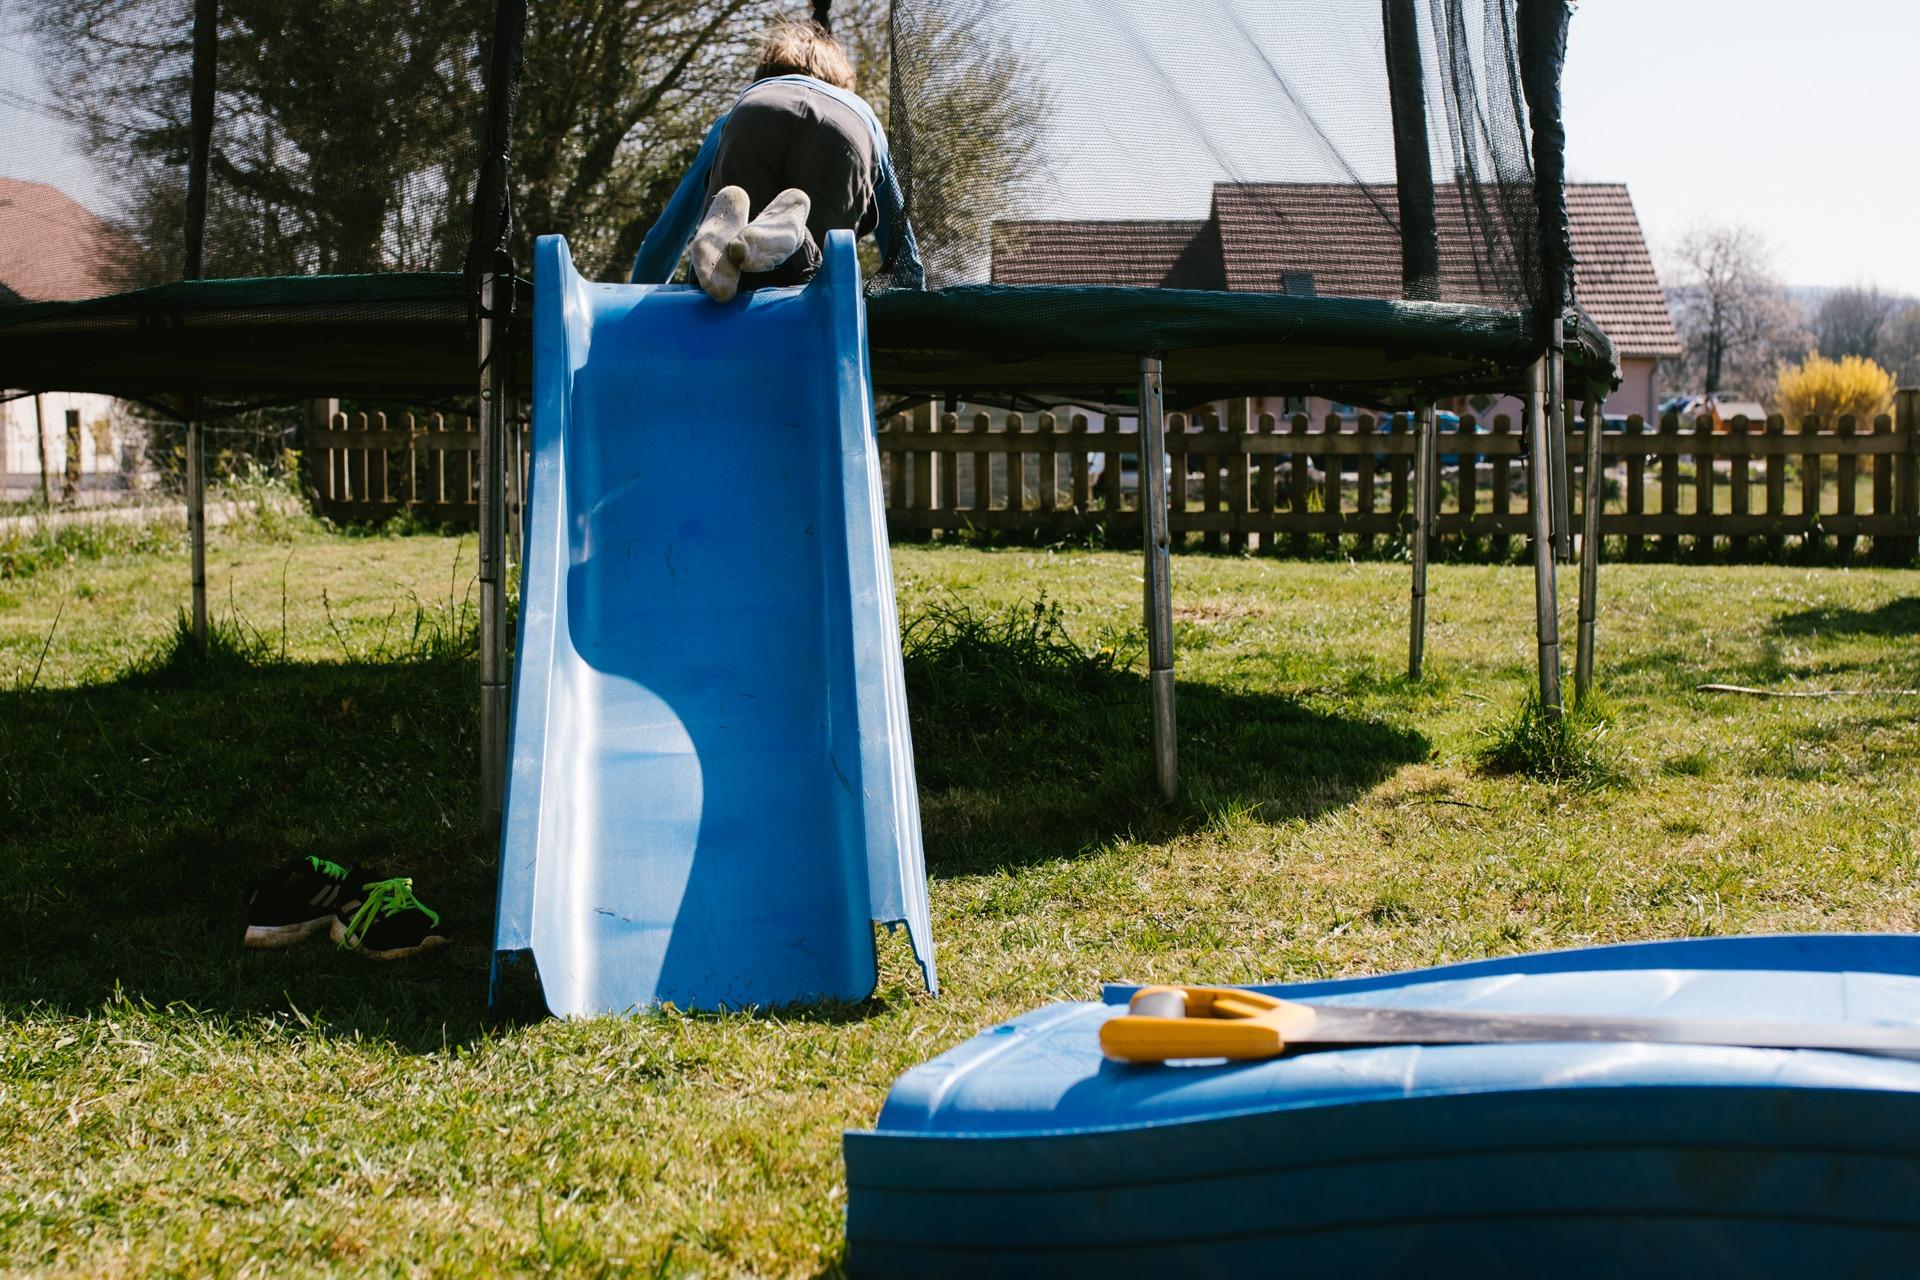 toboggan scié par les enfants pour monter sur le trampoline